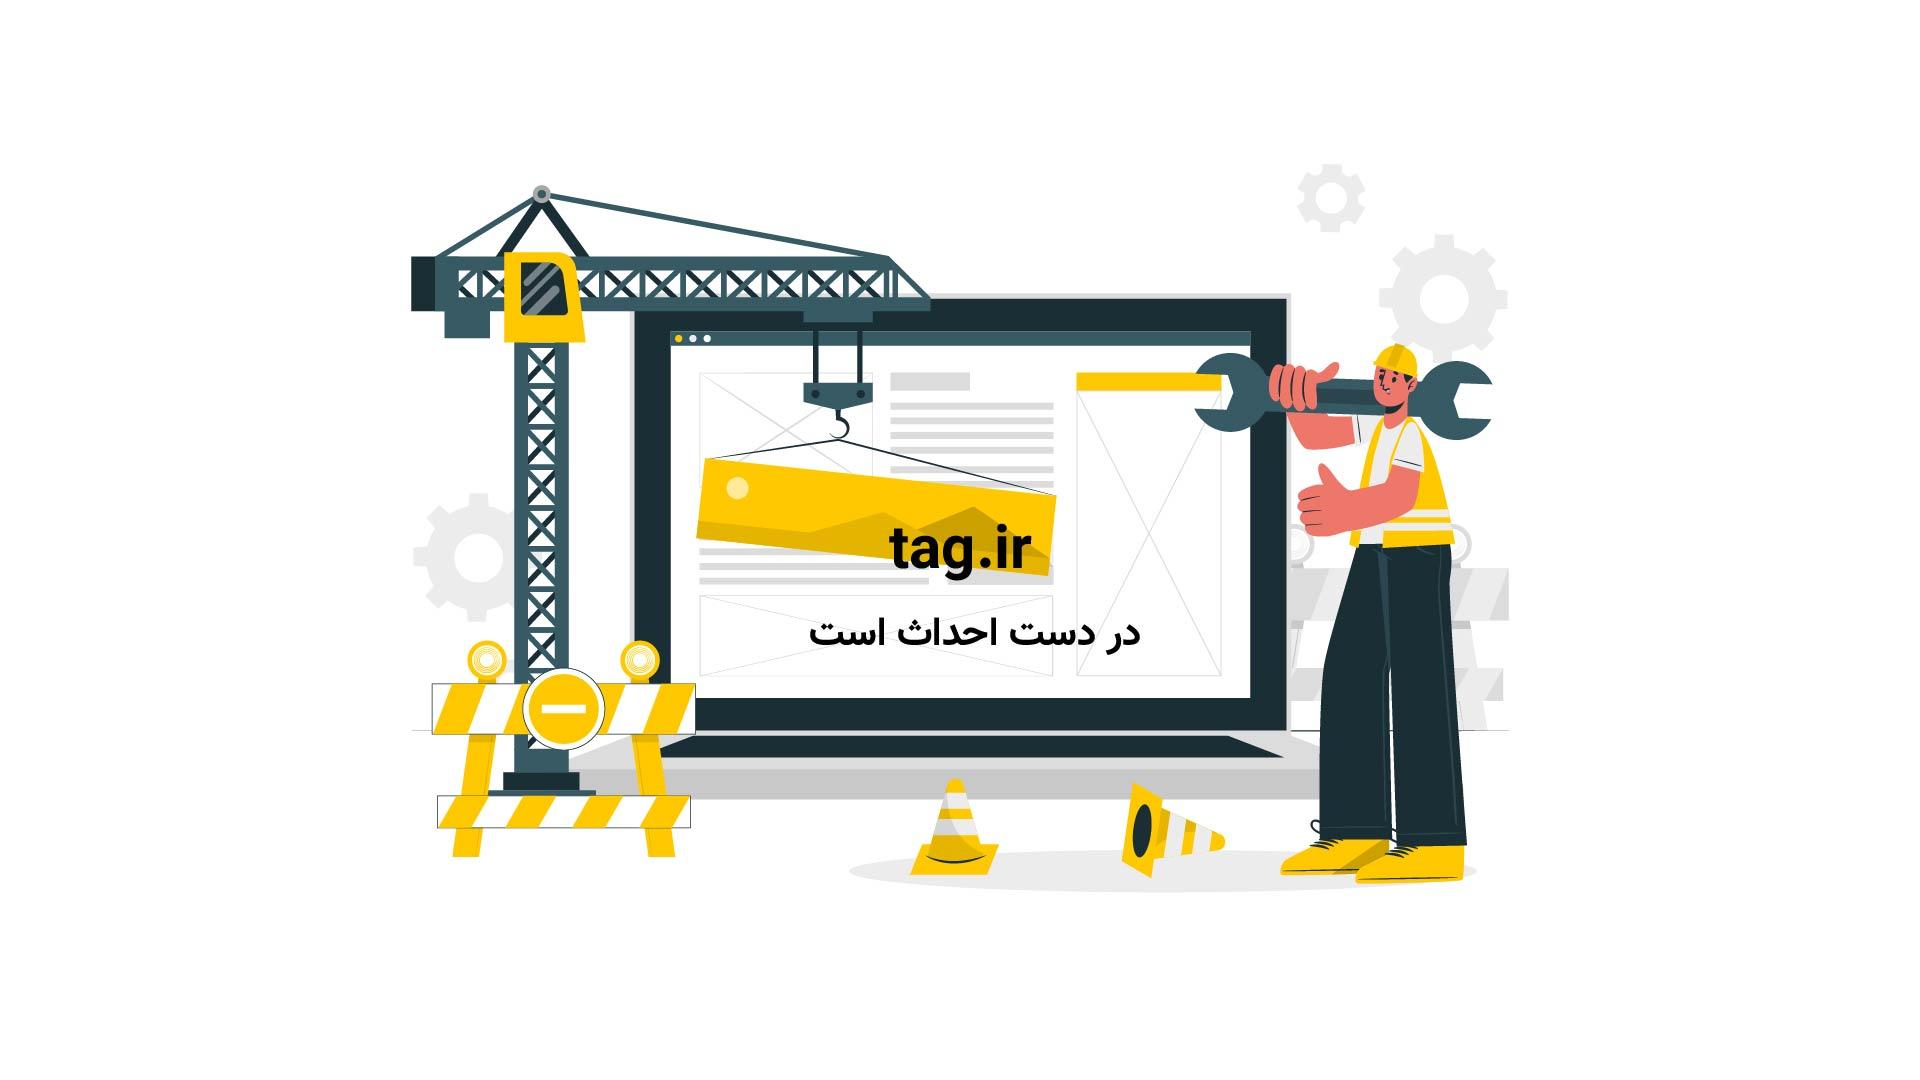 فضانوردان | تگ